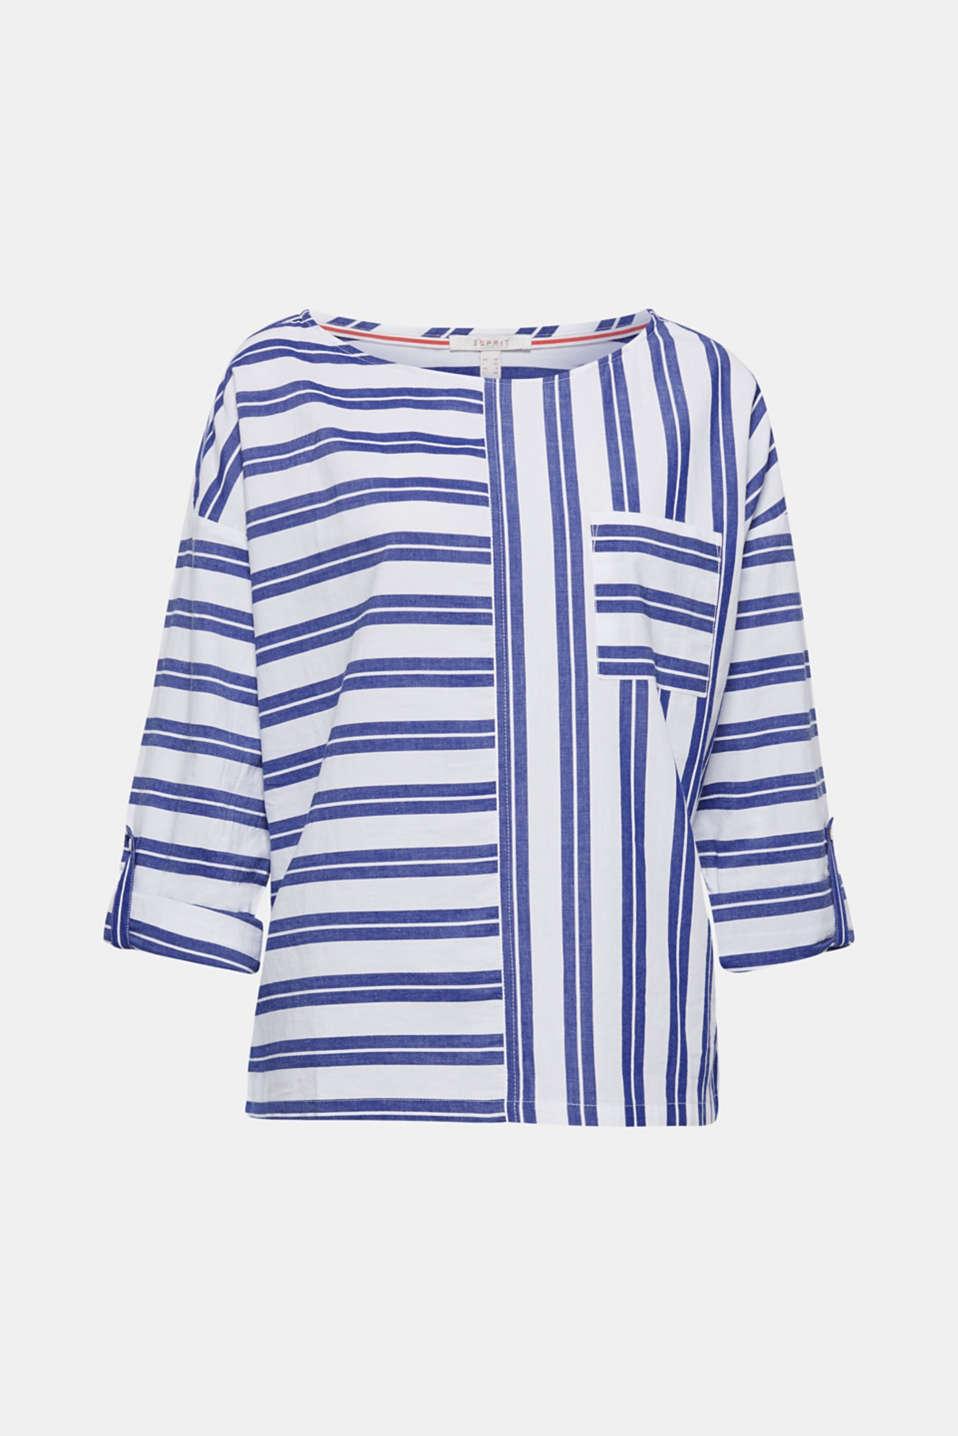 Abwechslung fürs Auge bietet diese Boxy-Bluse dank des modischen Streifen-Musters. Praktisch bei wechselnden Temperaturen: die längenverstellbaren Ärmel.